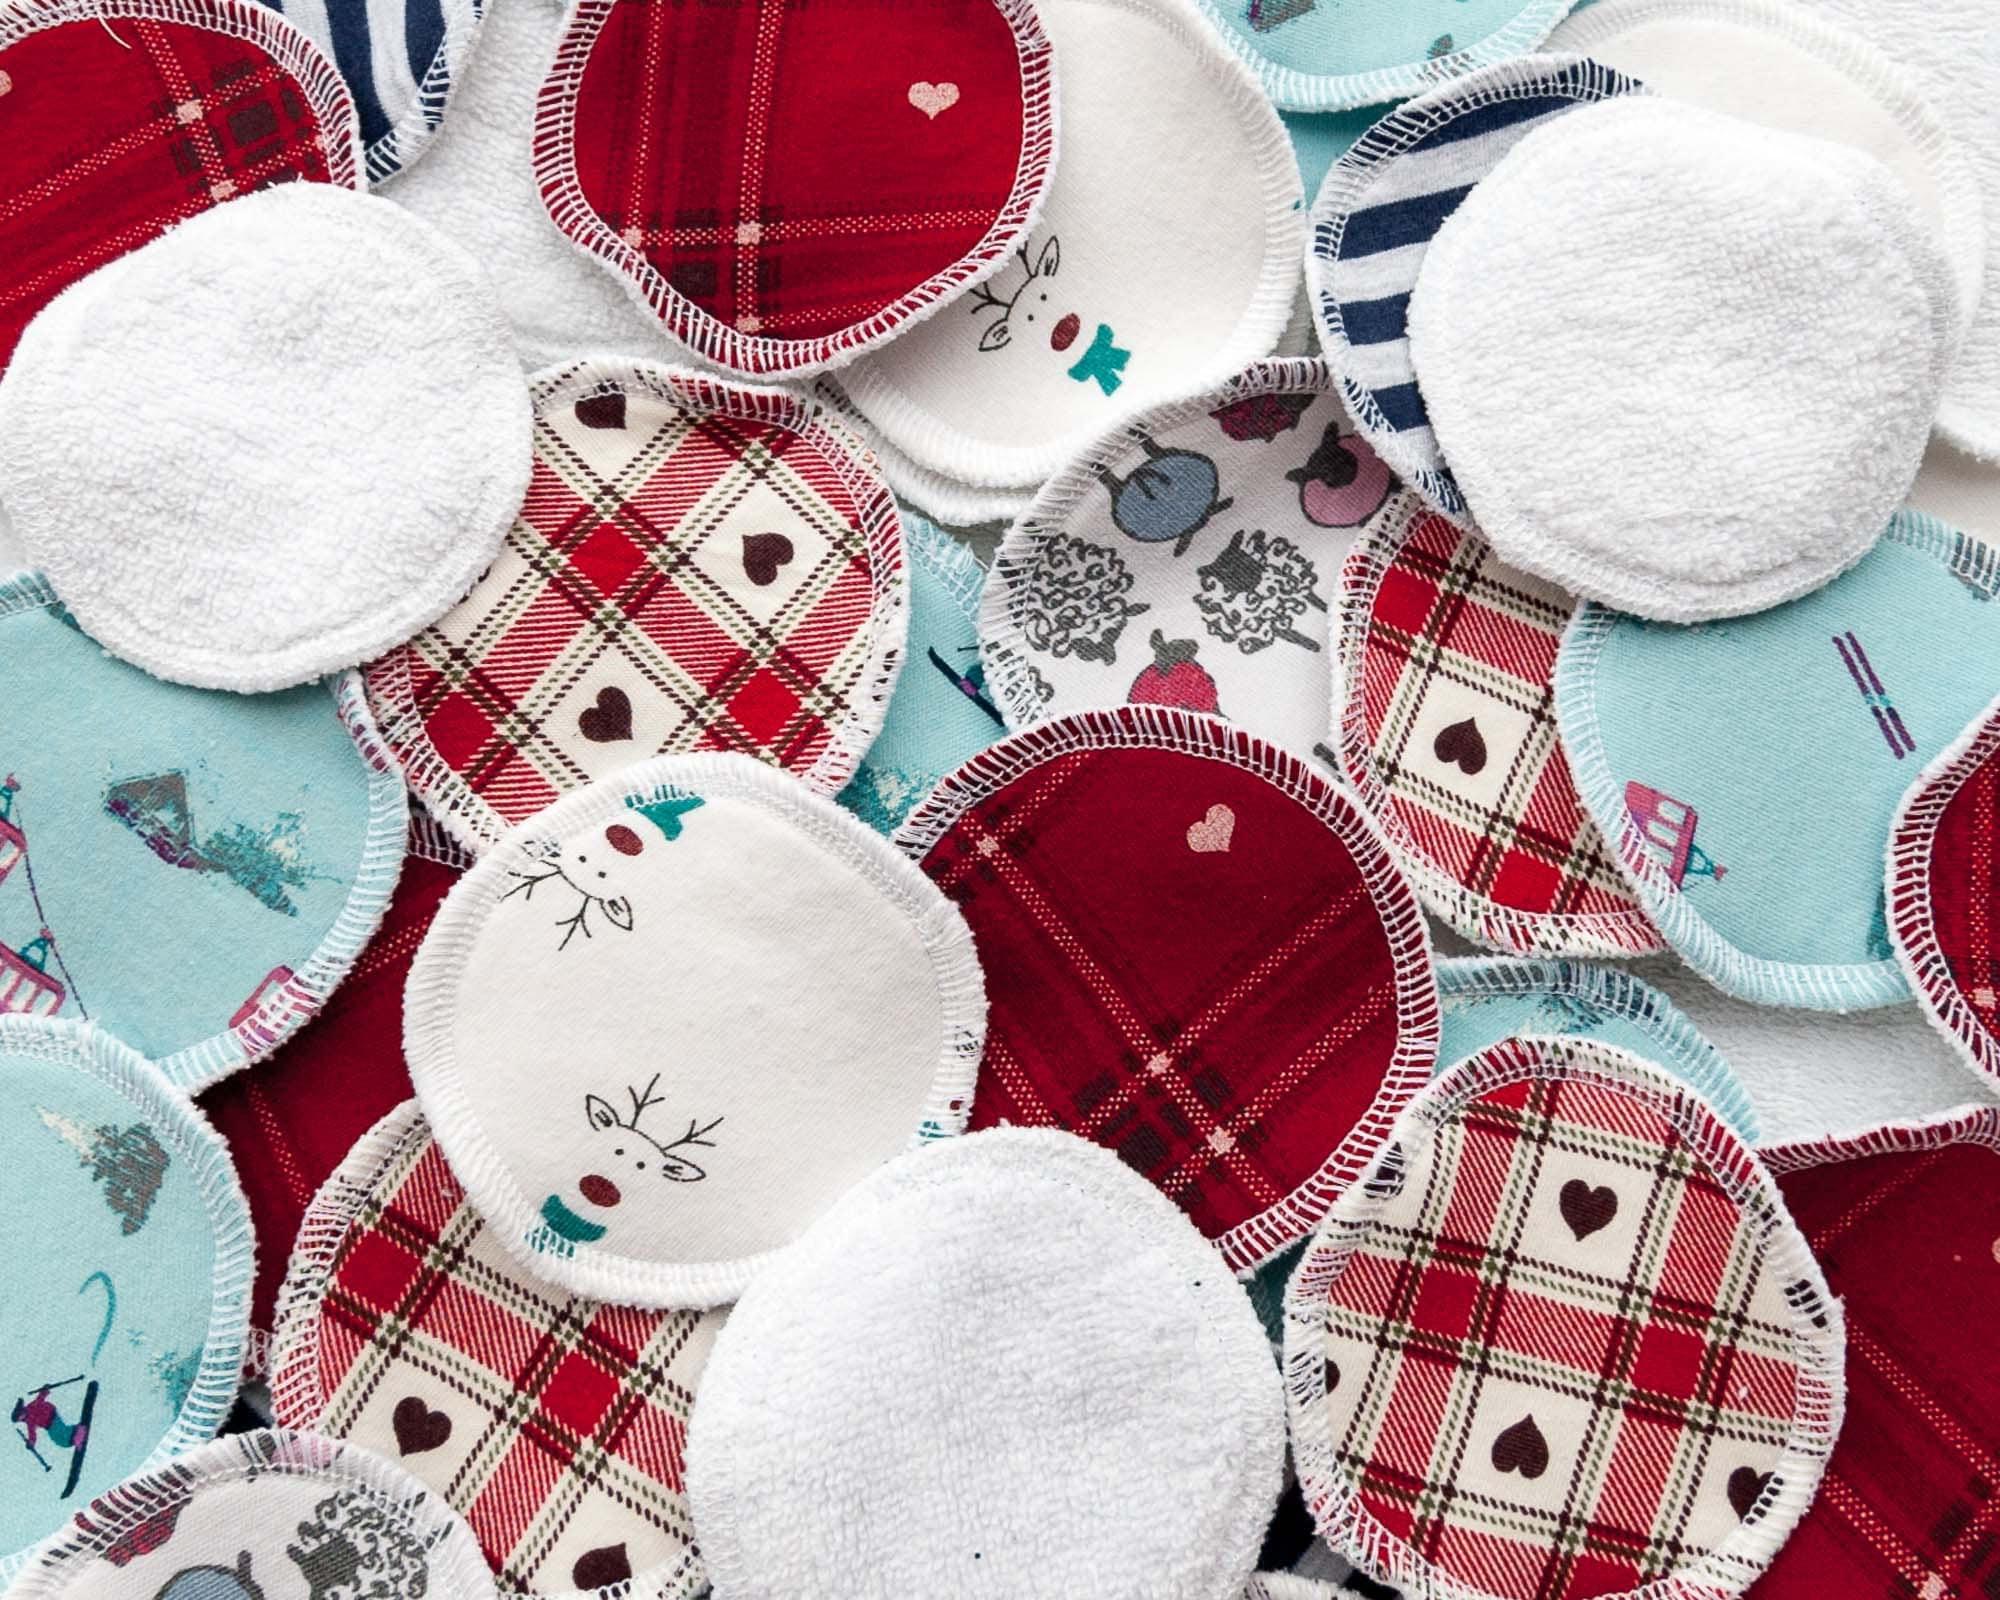 Zero Waste Christmas Gift Ideas 10 Or 20 Reusable Cotton Etsy